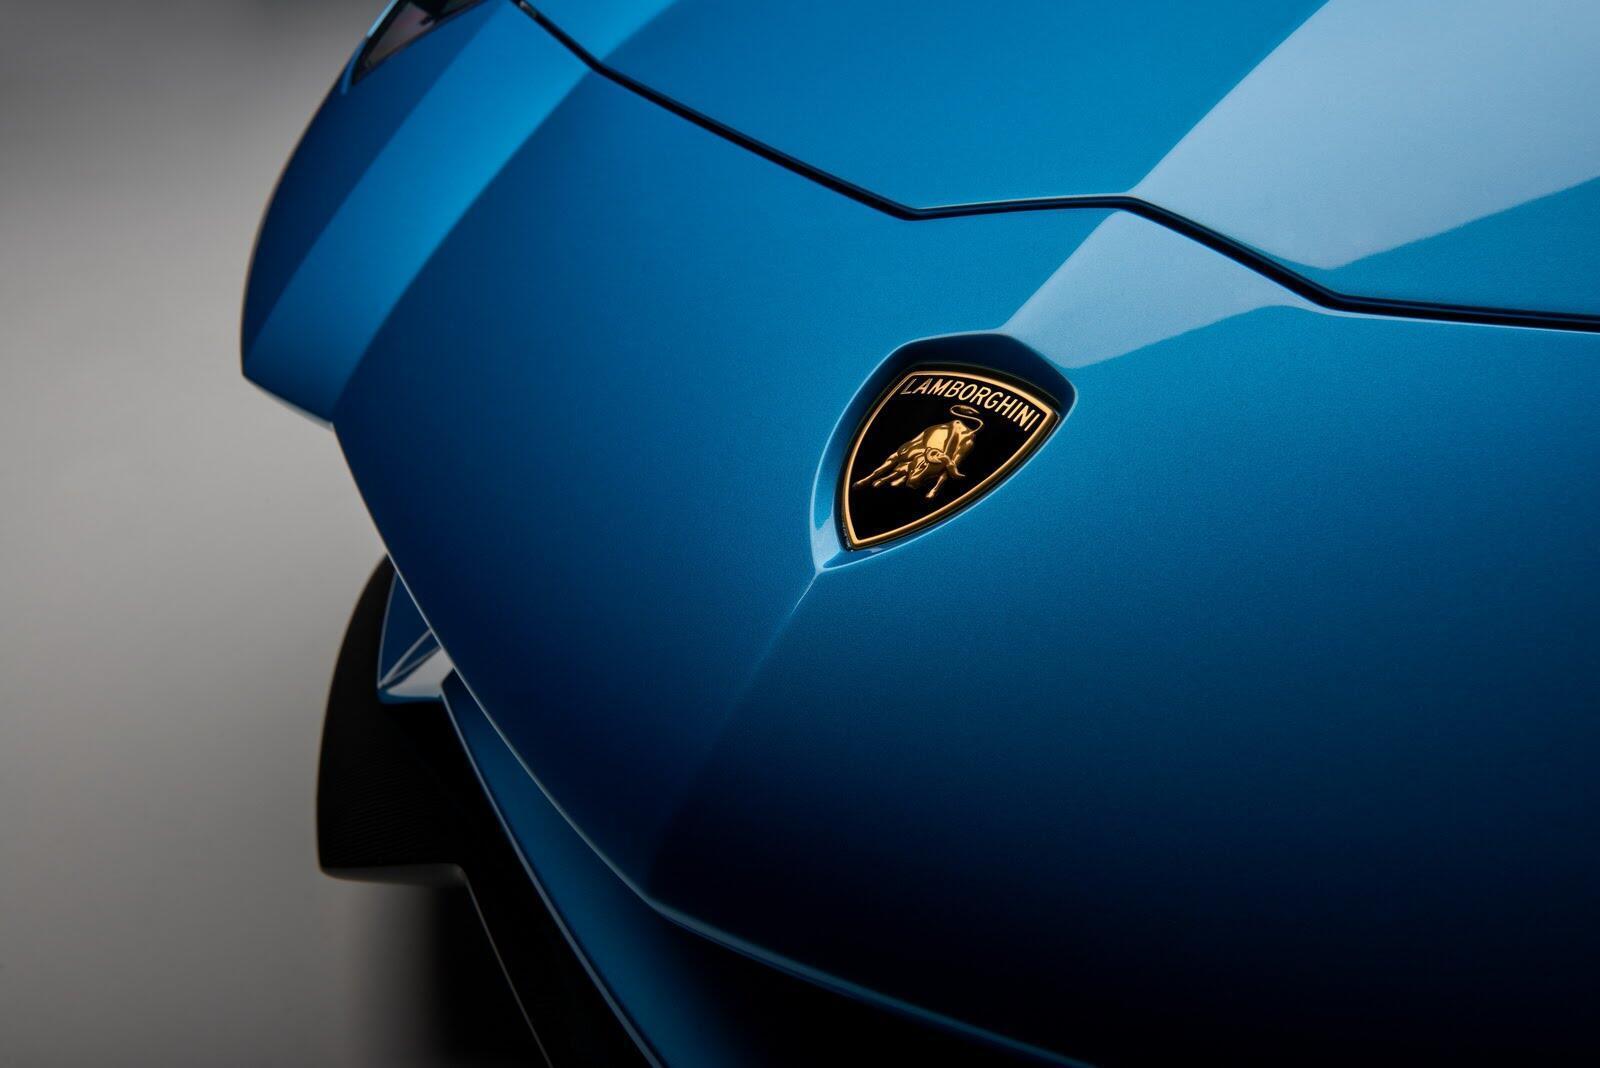 Siêu xe Lamborghini Aventador S Roadster chính thức trình làng - Hình 11